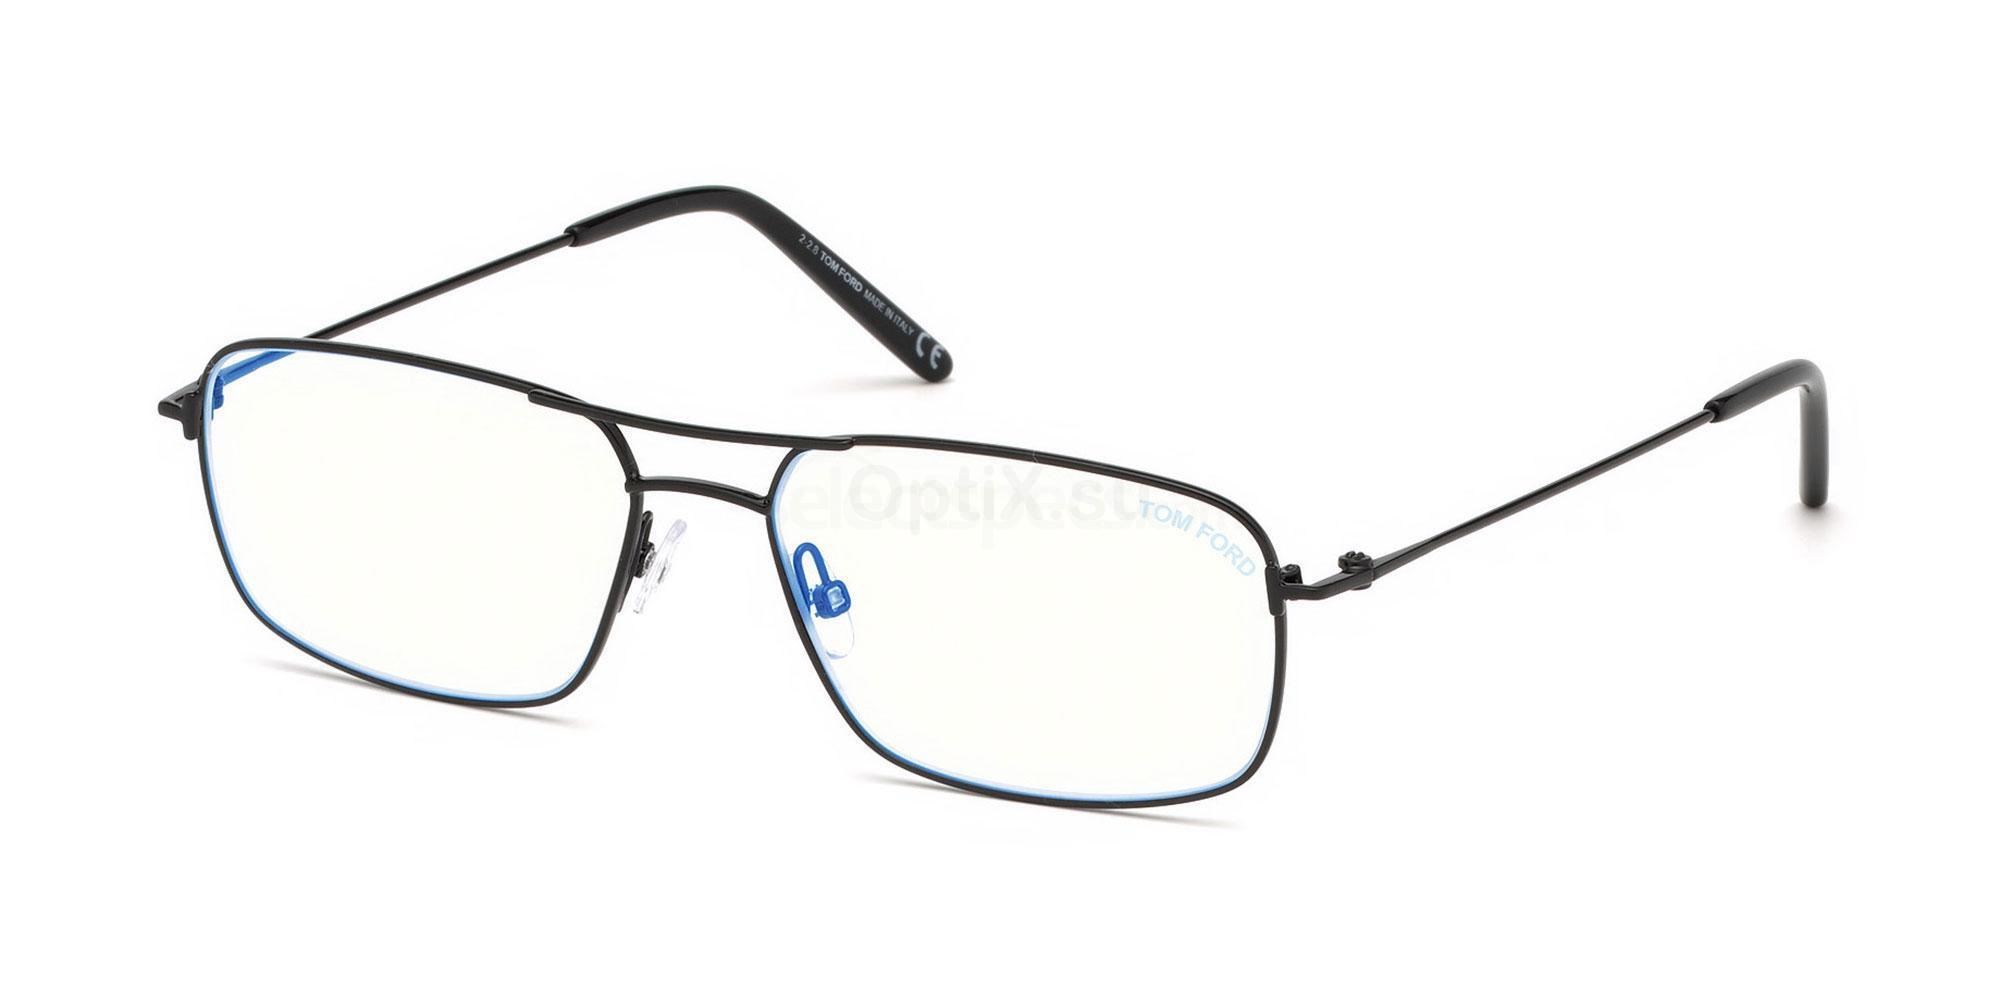 001 FT5582-B Glasses, Tom Ford